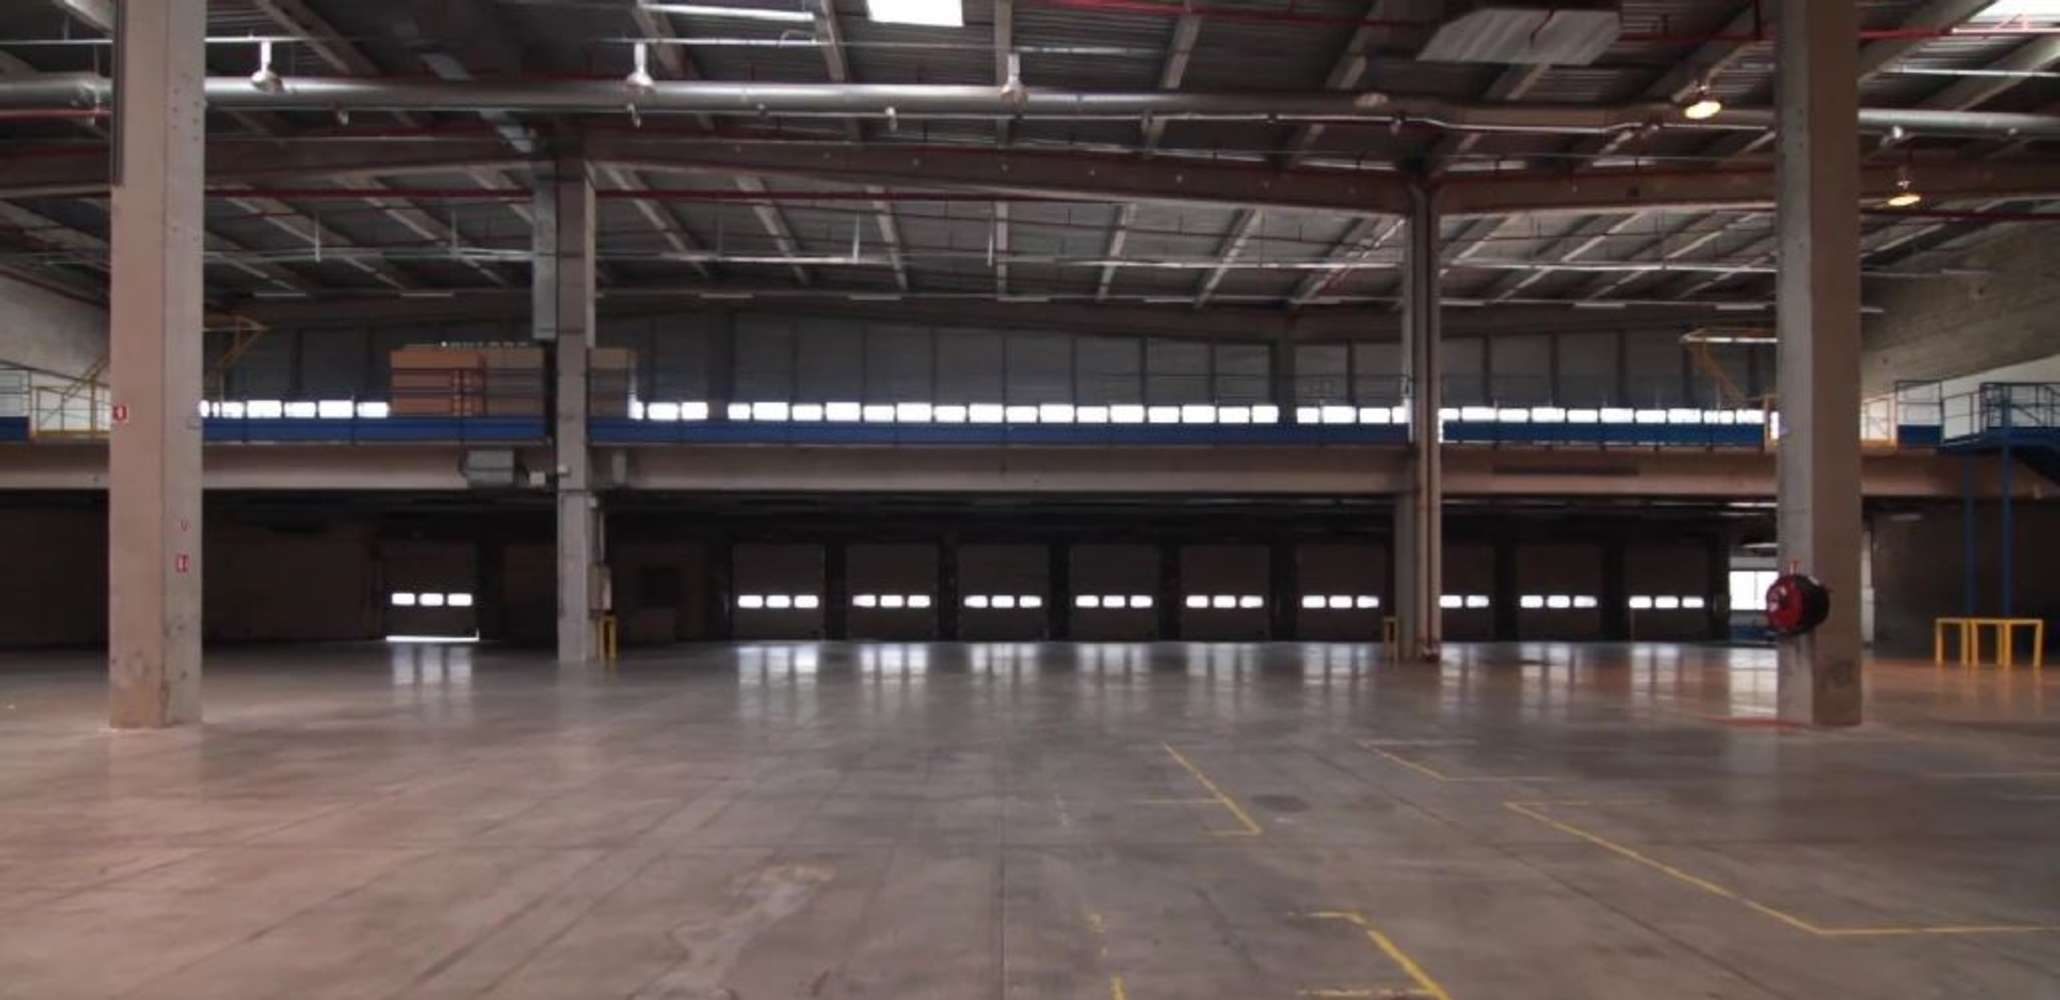 Plateformes logistiques Vaulx milieu, 38090 - A louer - entrepôt logistique Isère (38) - 9453679